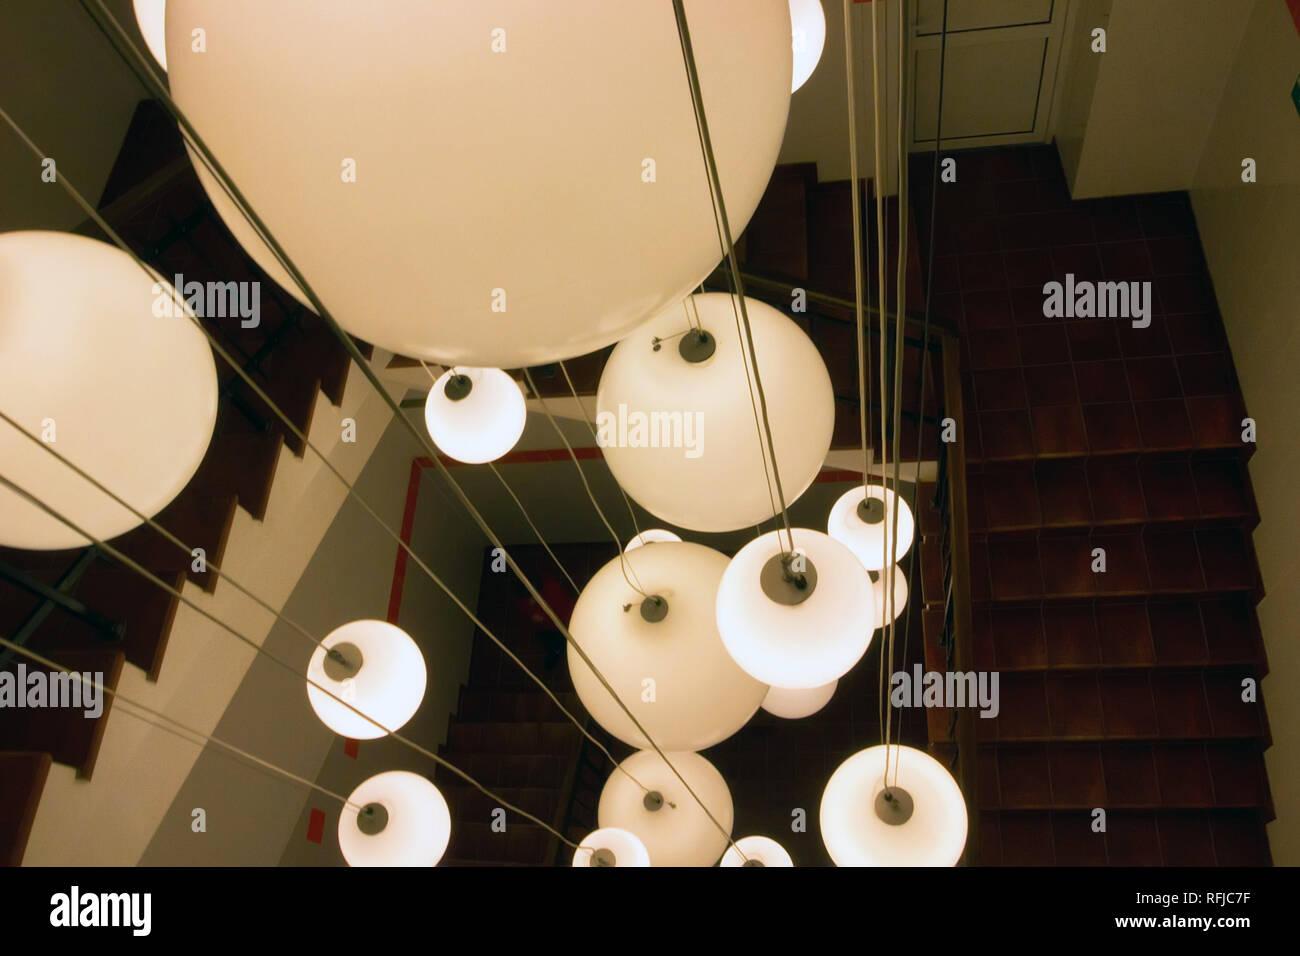 Lampadario Bianco Legno : Vista superiore marrone a scala in legno e lampadario in bianco